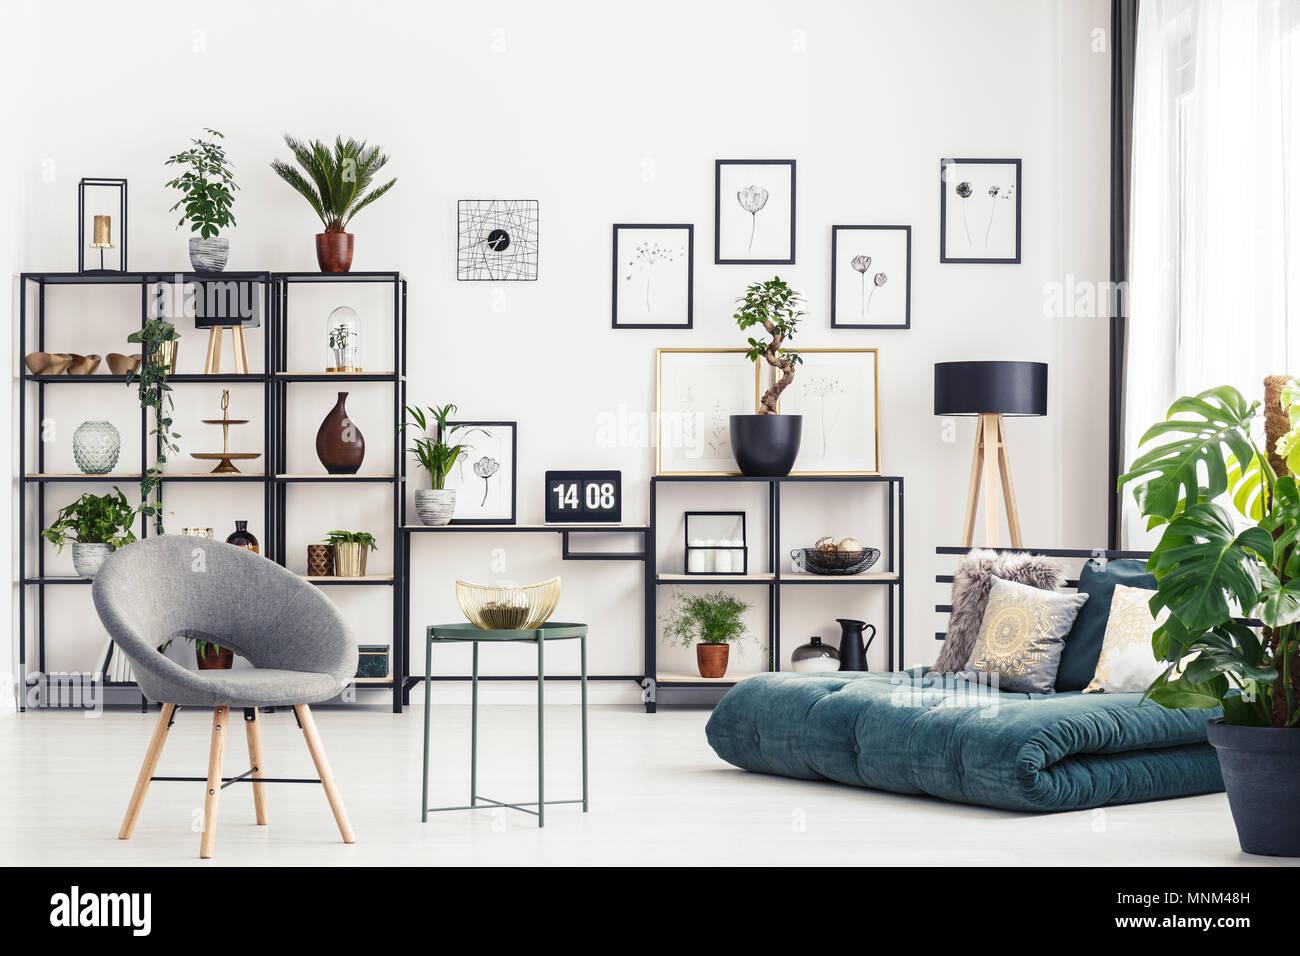 Tabella tra la poltrona di colore grigio e verde futon in casa ufficio interno con laptop sulla scrivania Immagini Stock